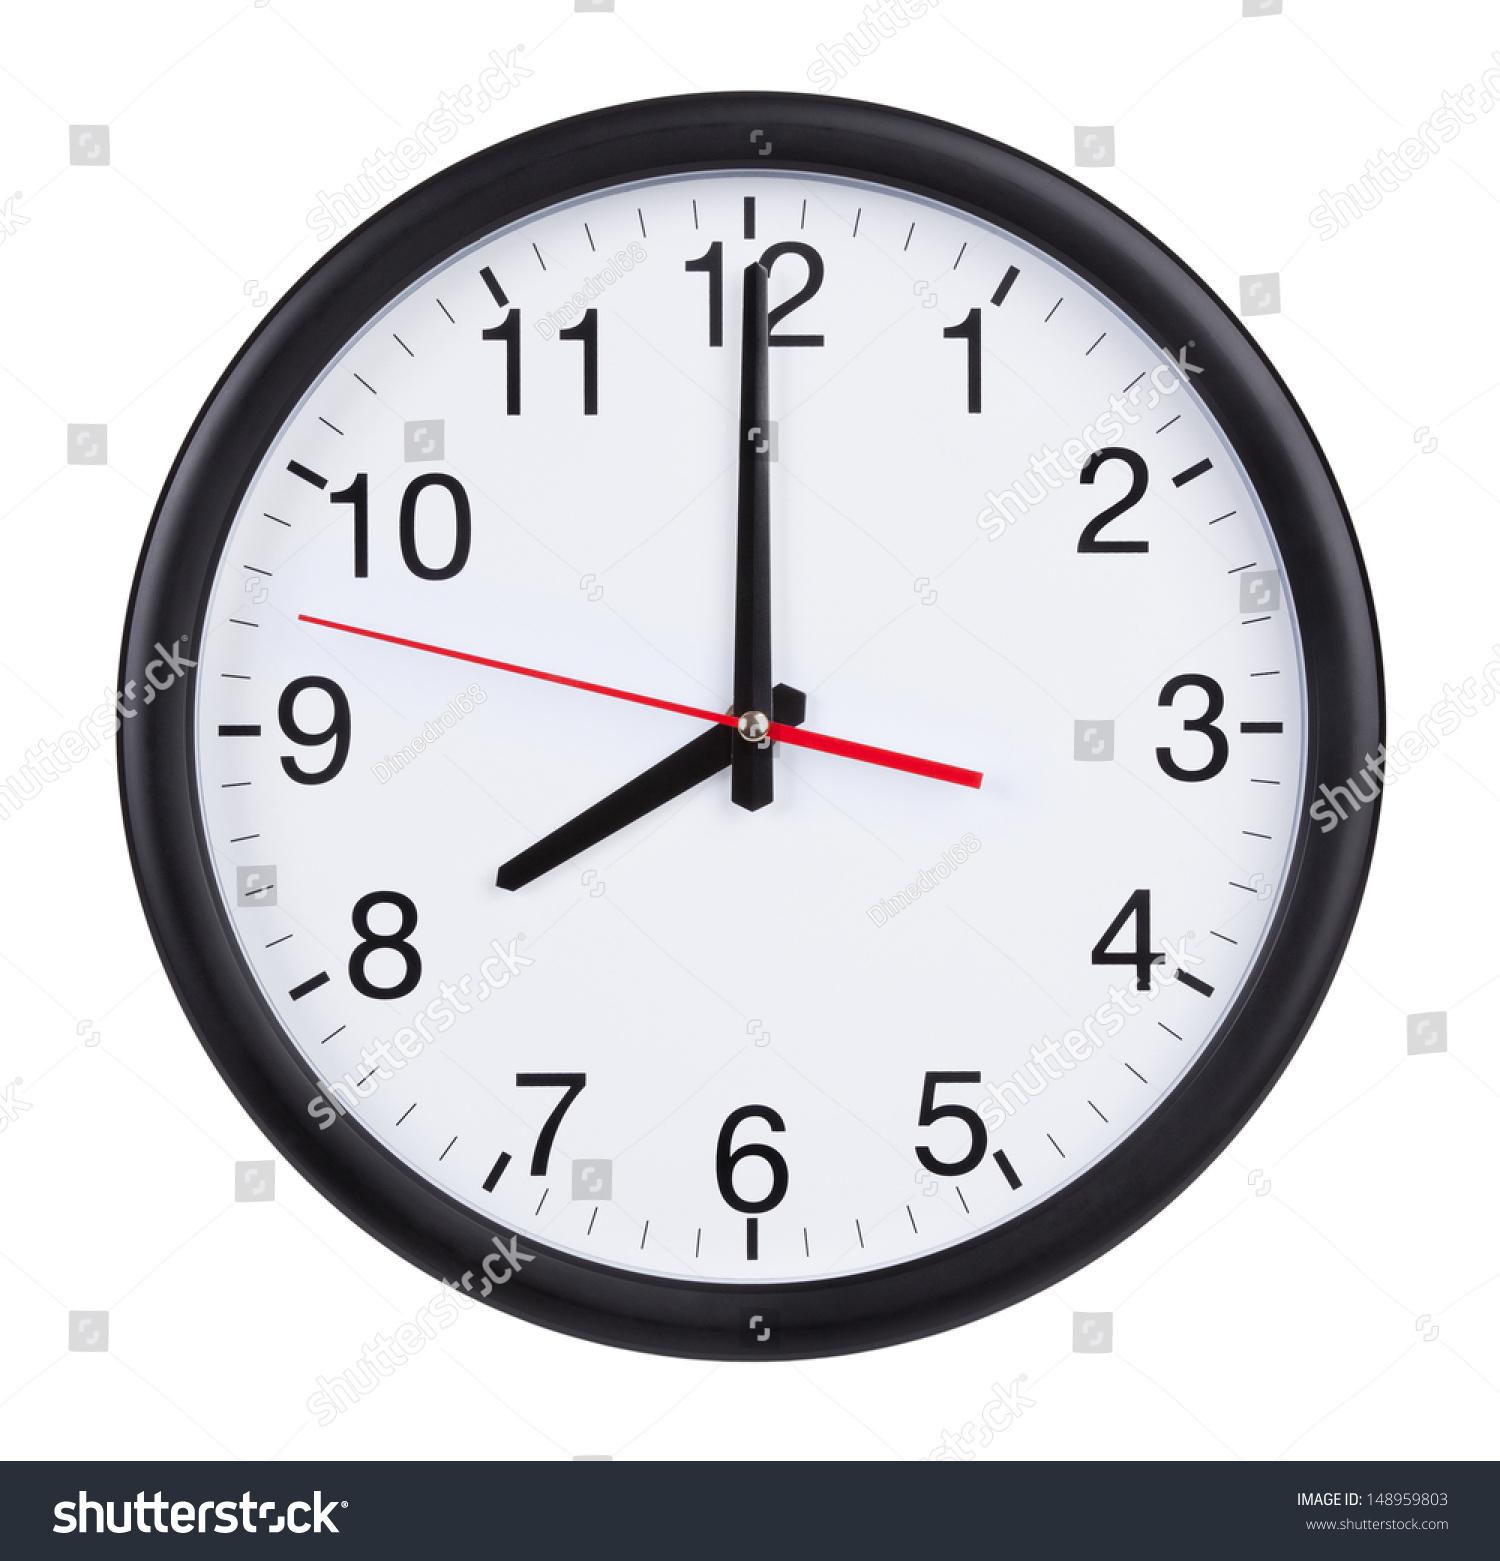 纸杯制作钟表步骤